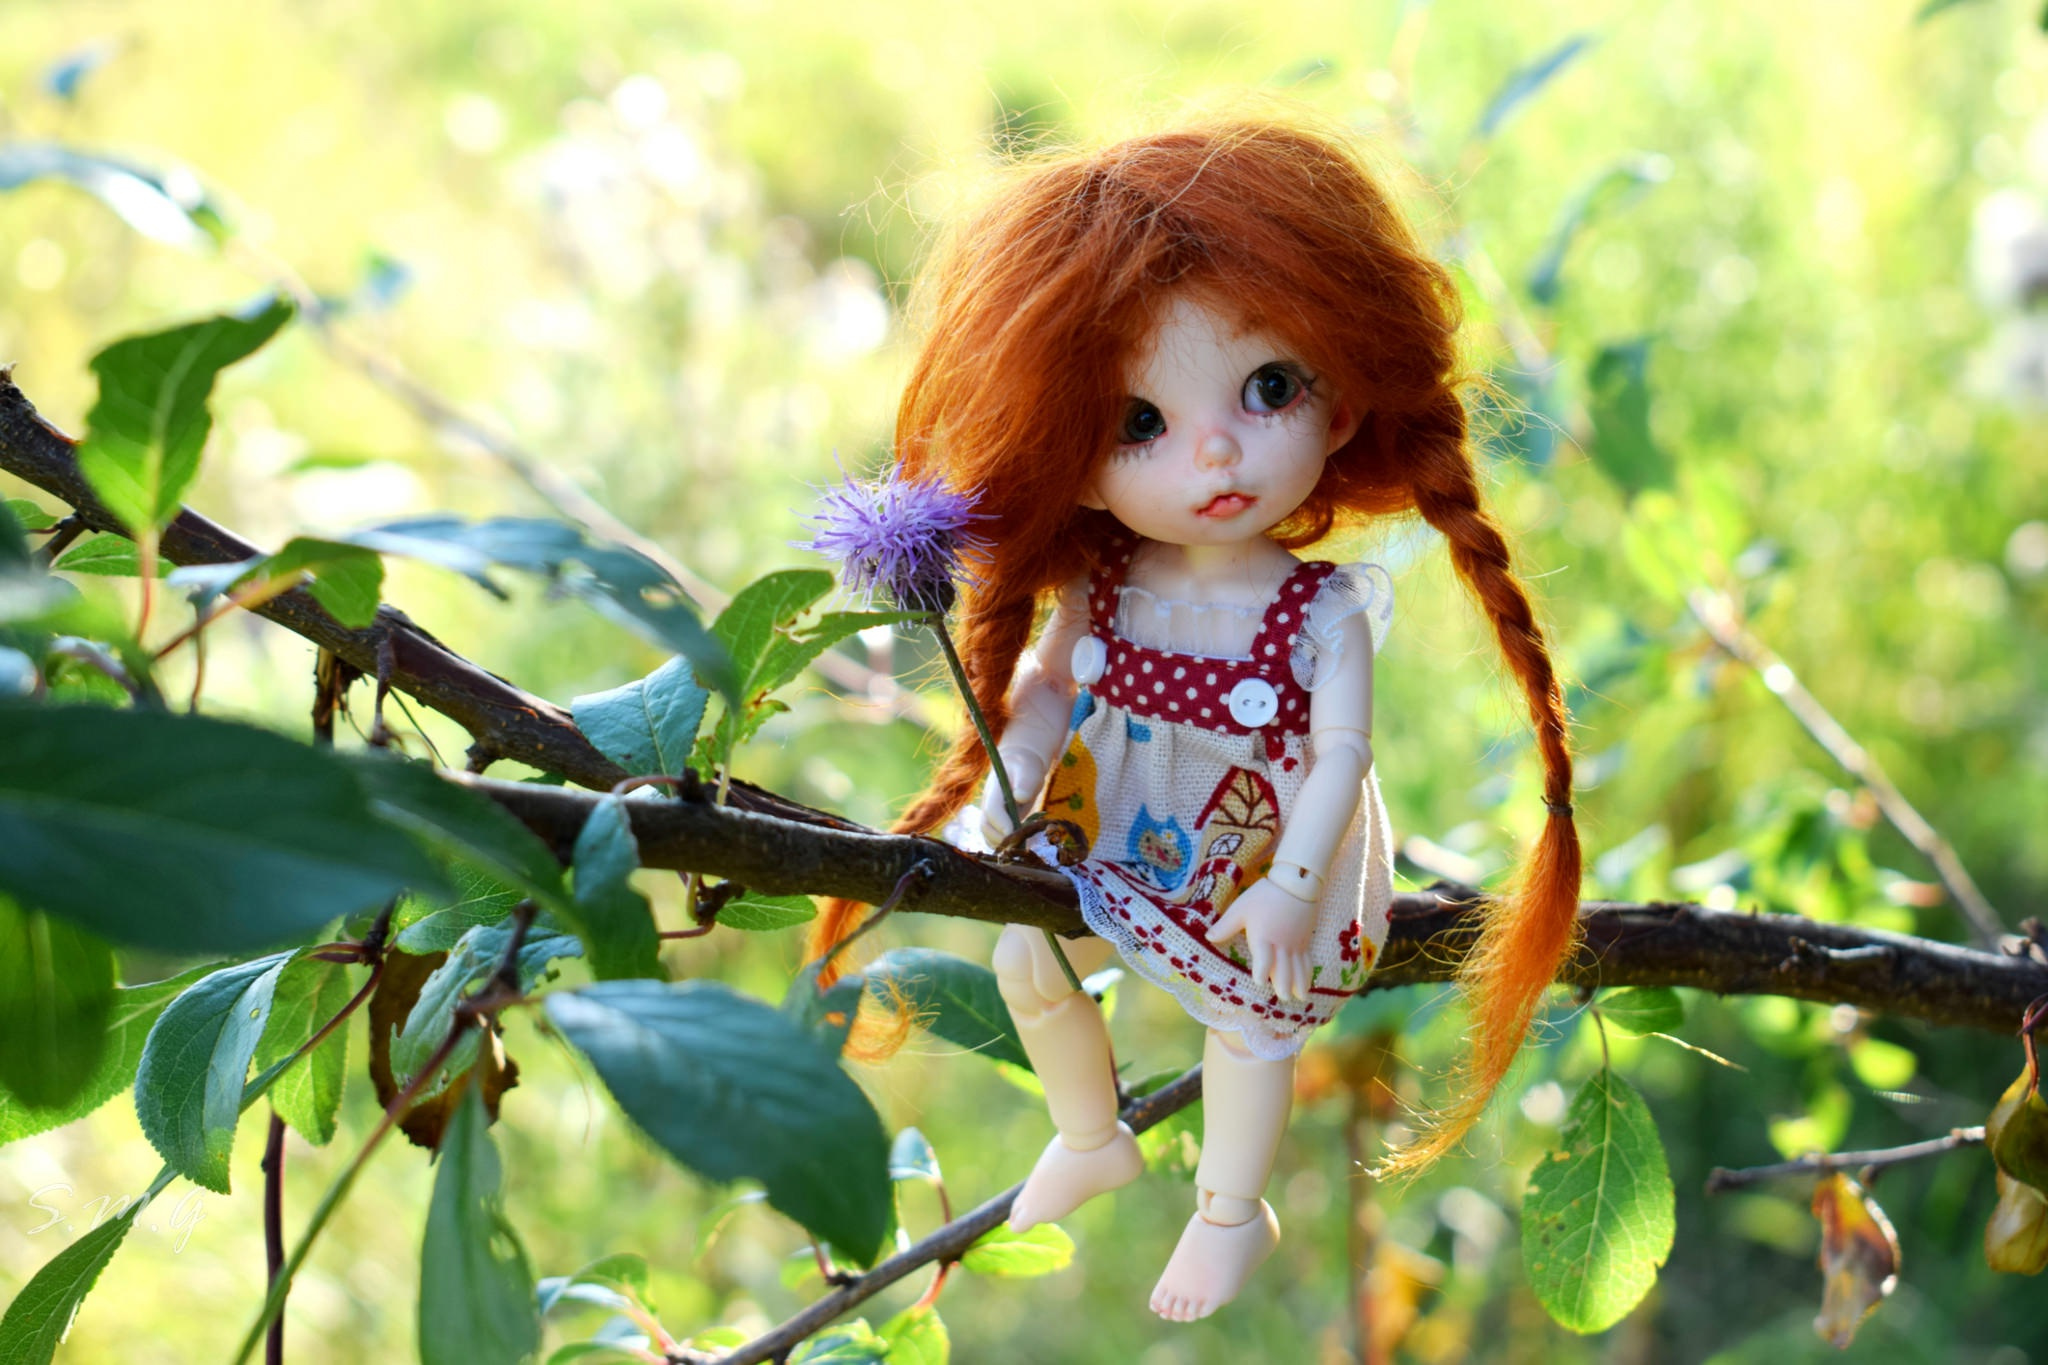 Картинки аниме, картинки рыжая девочка с косичками